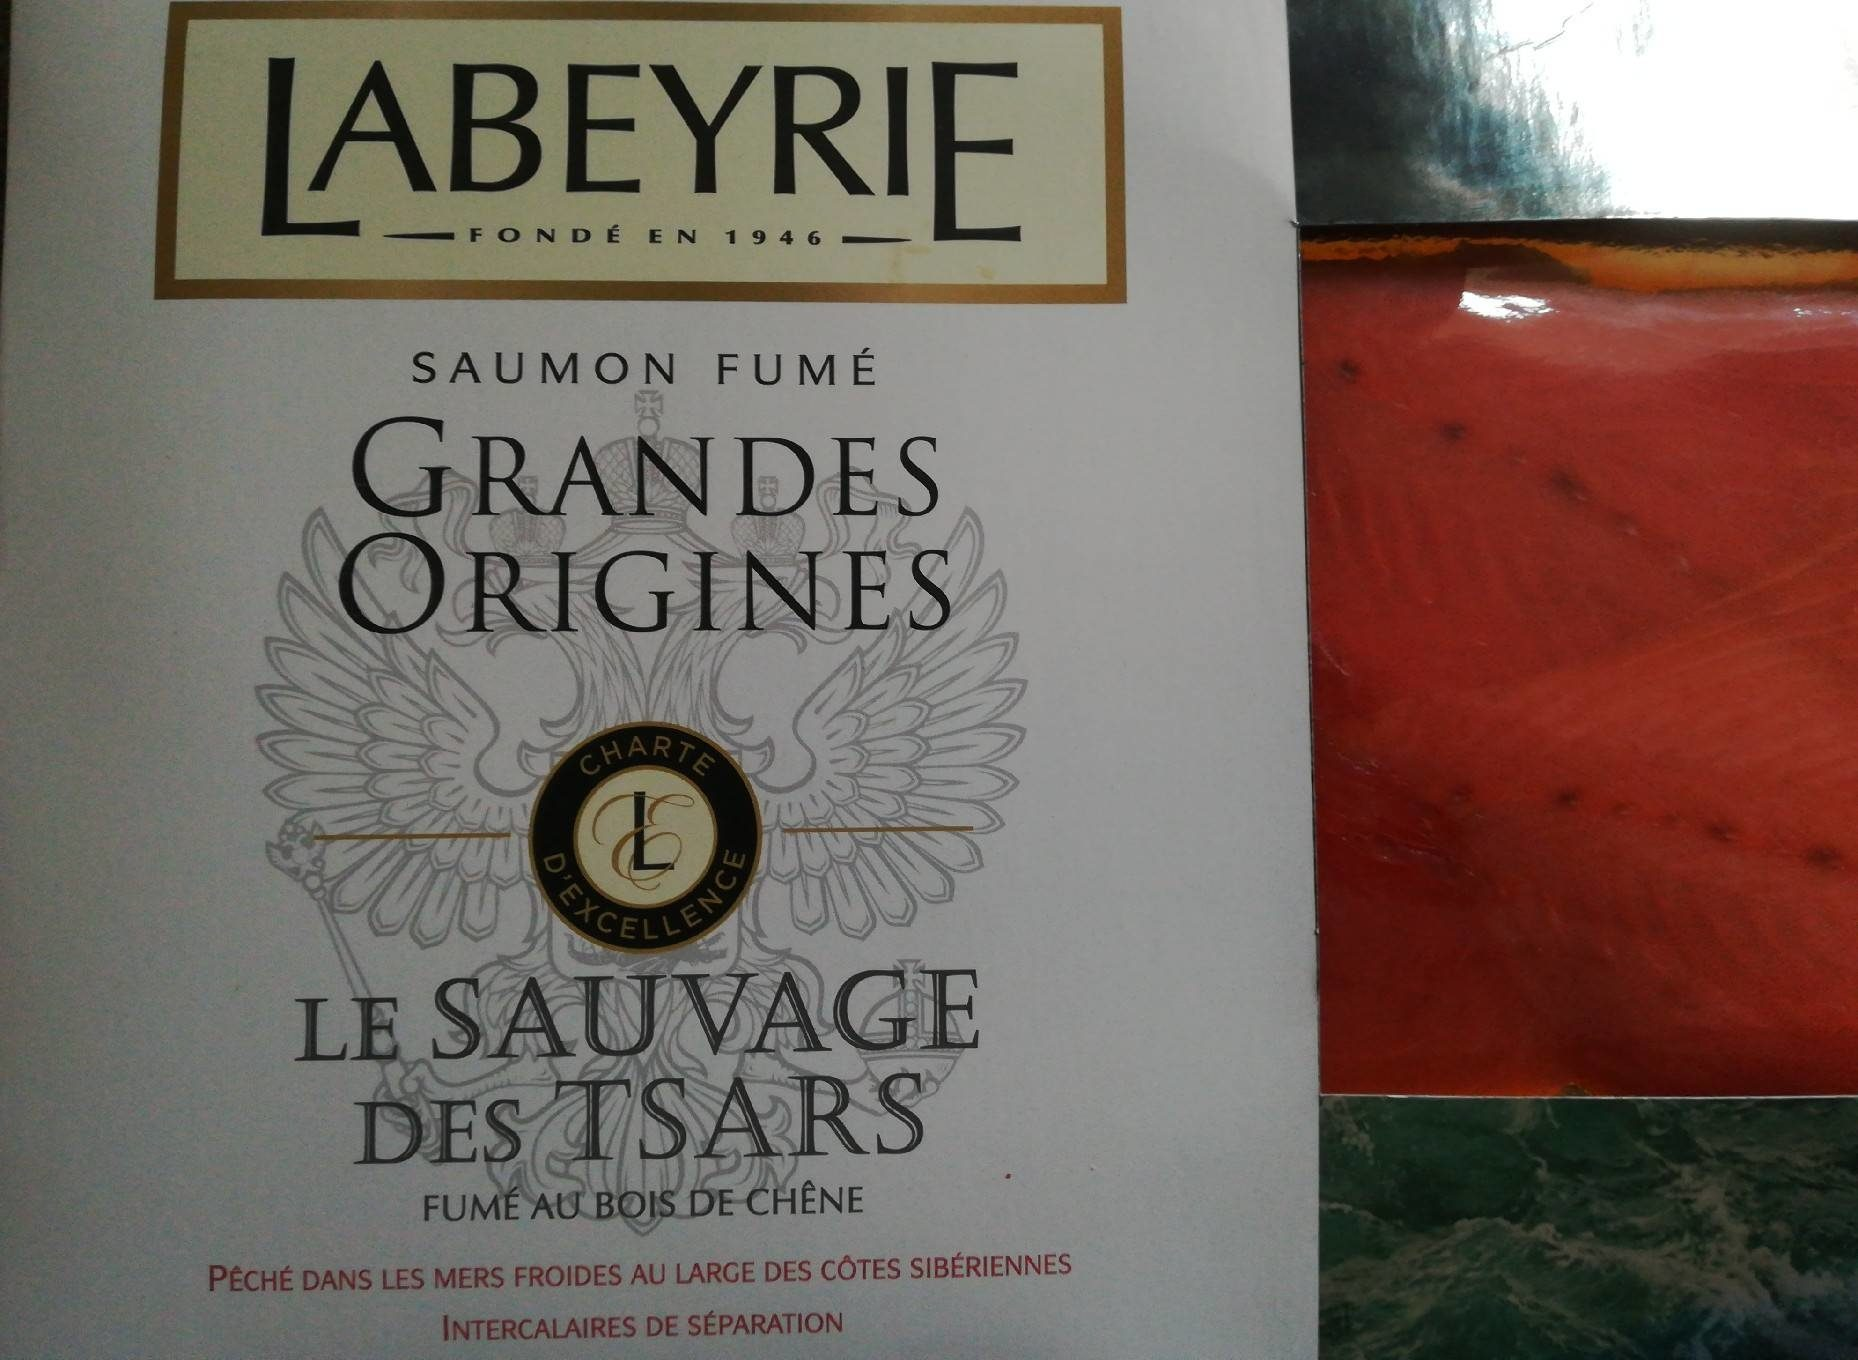 Saumon fumé grandes origines - Produit - fr